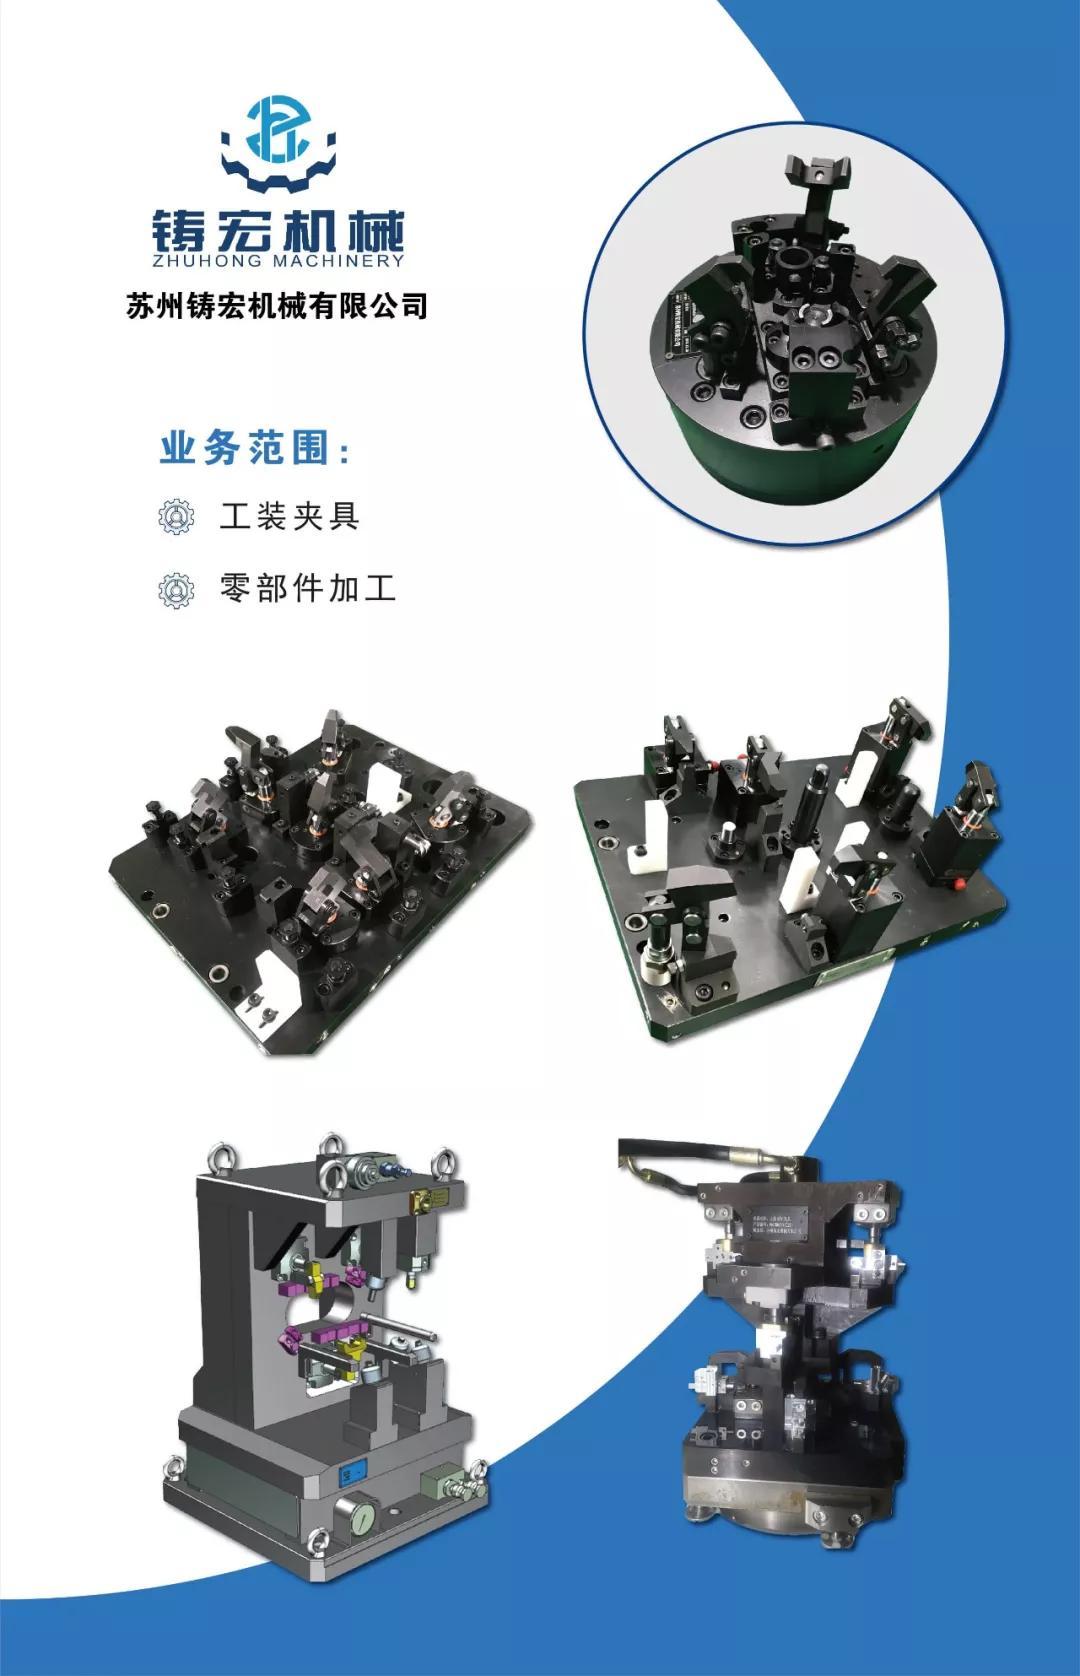 汽车踏板臂焊接件定位夹紧机构的制作方法_X技术